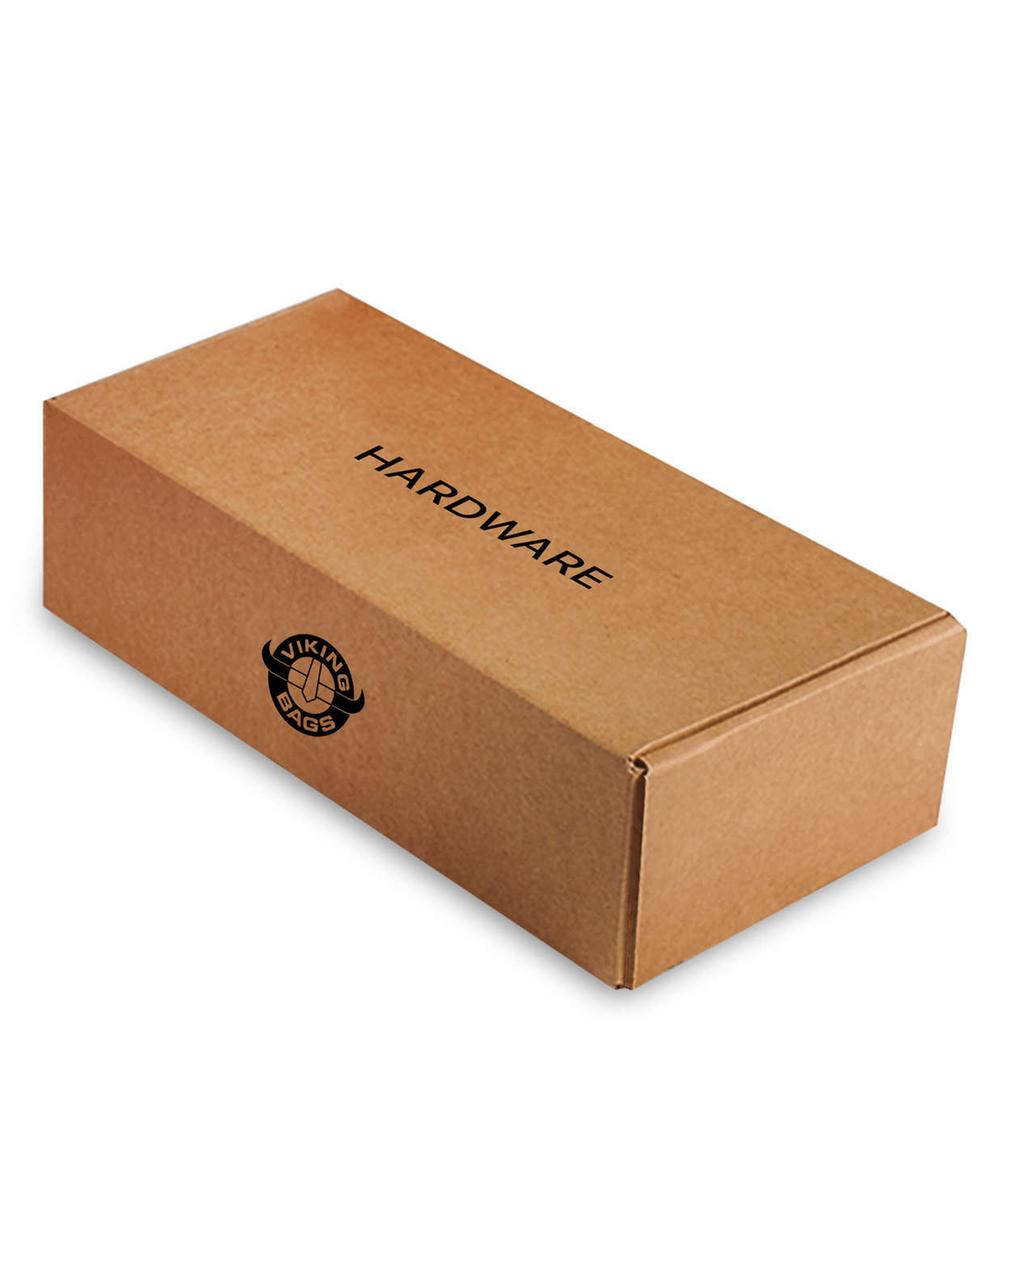 Honda 750 Shadow Spirit DC Large Slanted Motorcycle Saddlebags Hardware Box